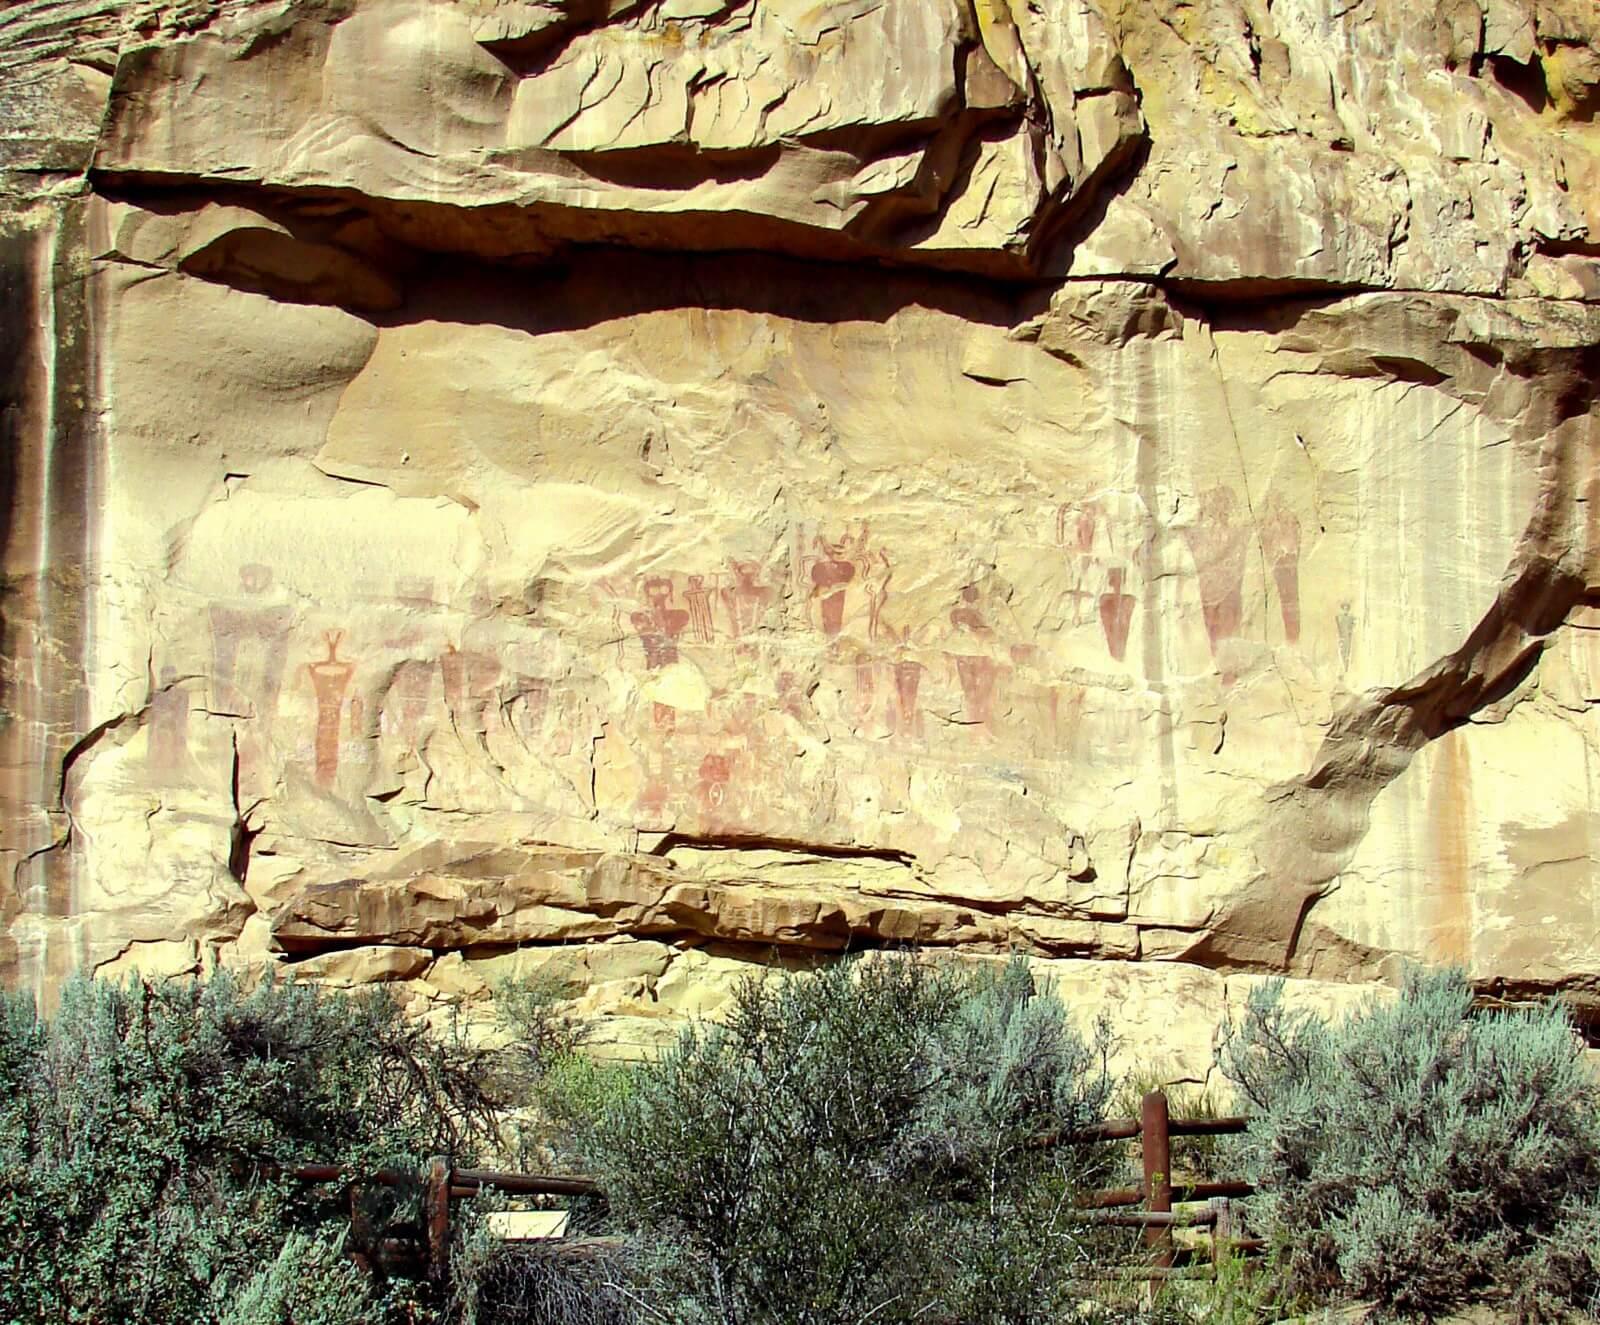 banner-utah-petroglyph-rock-art